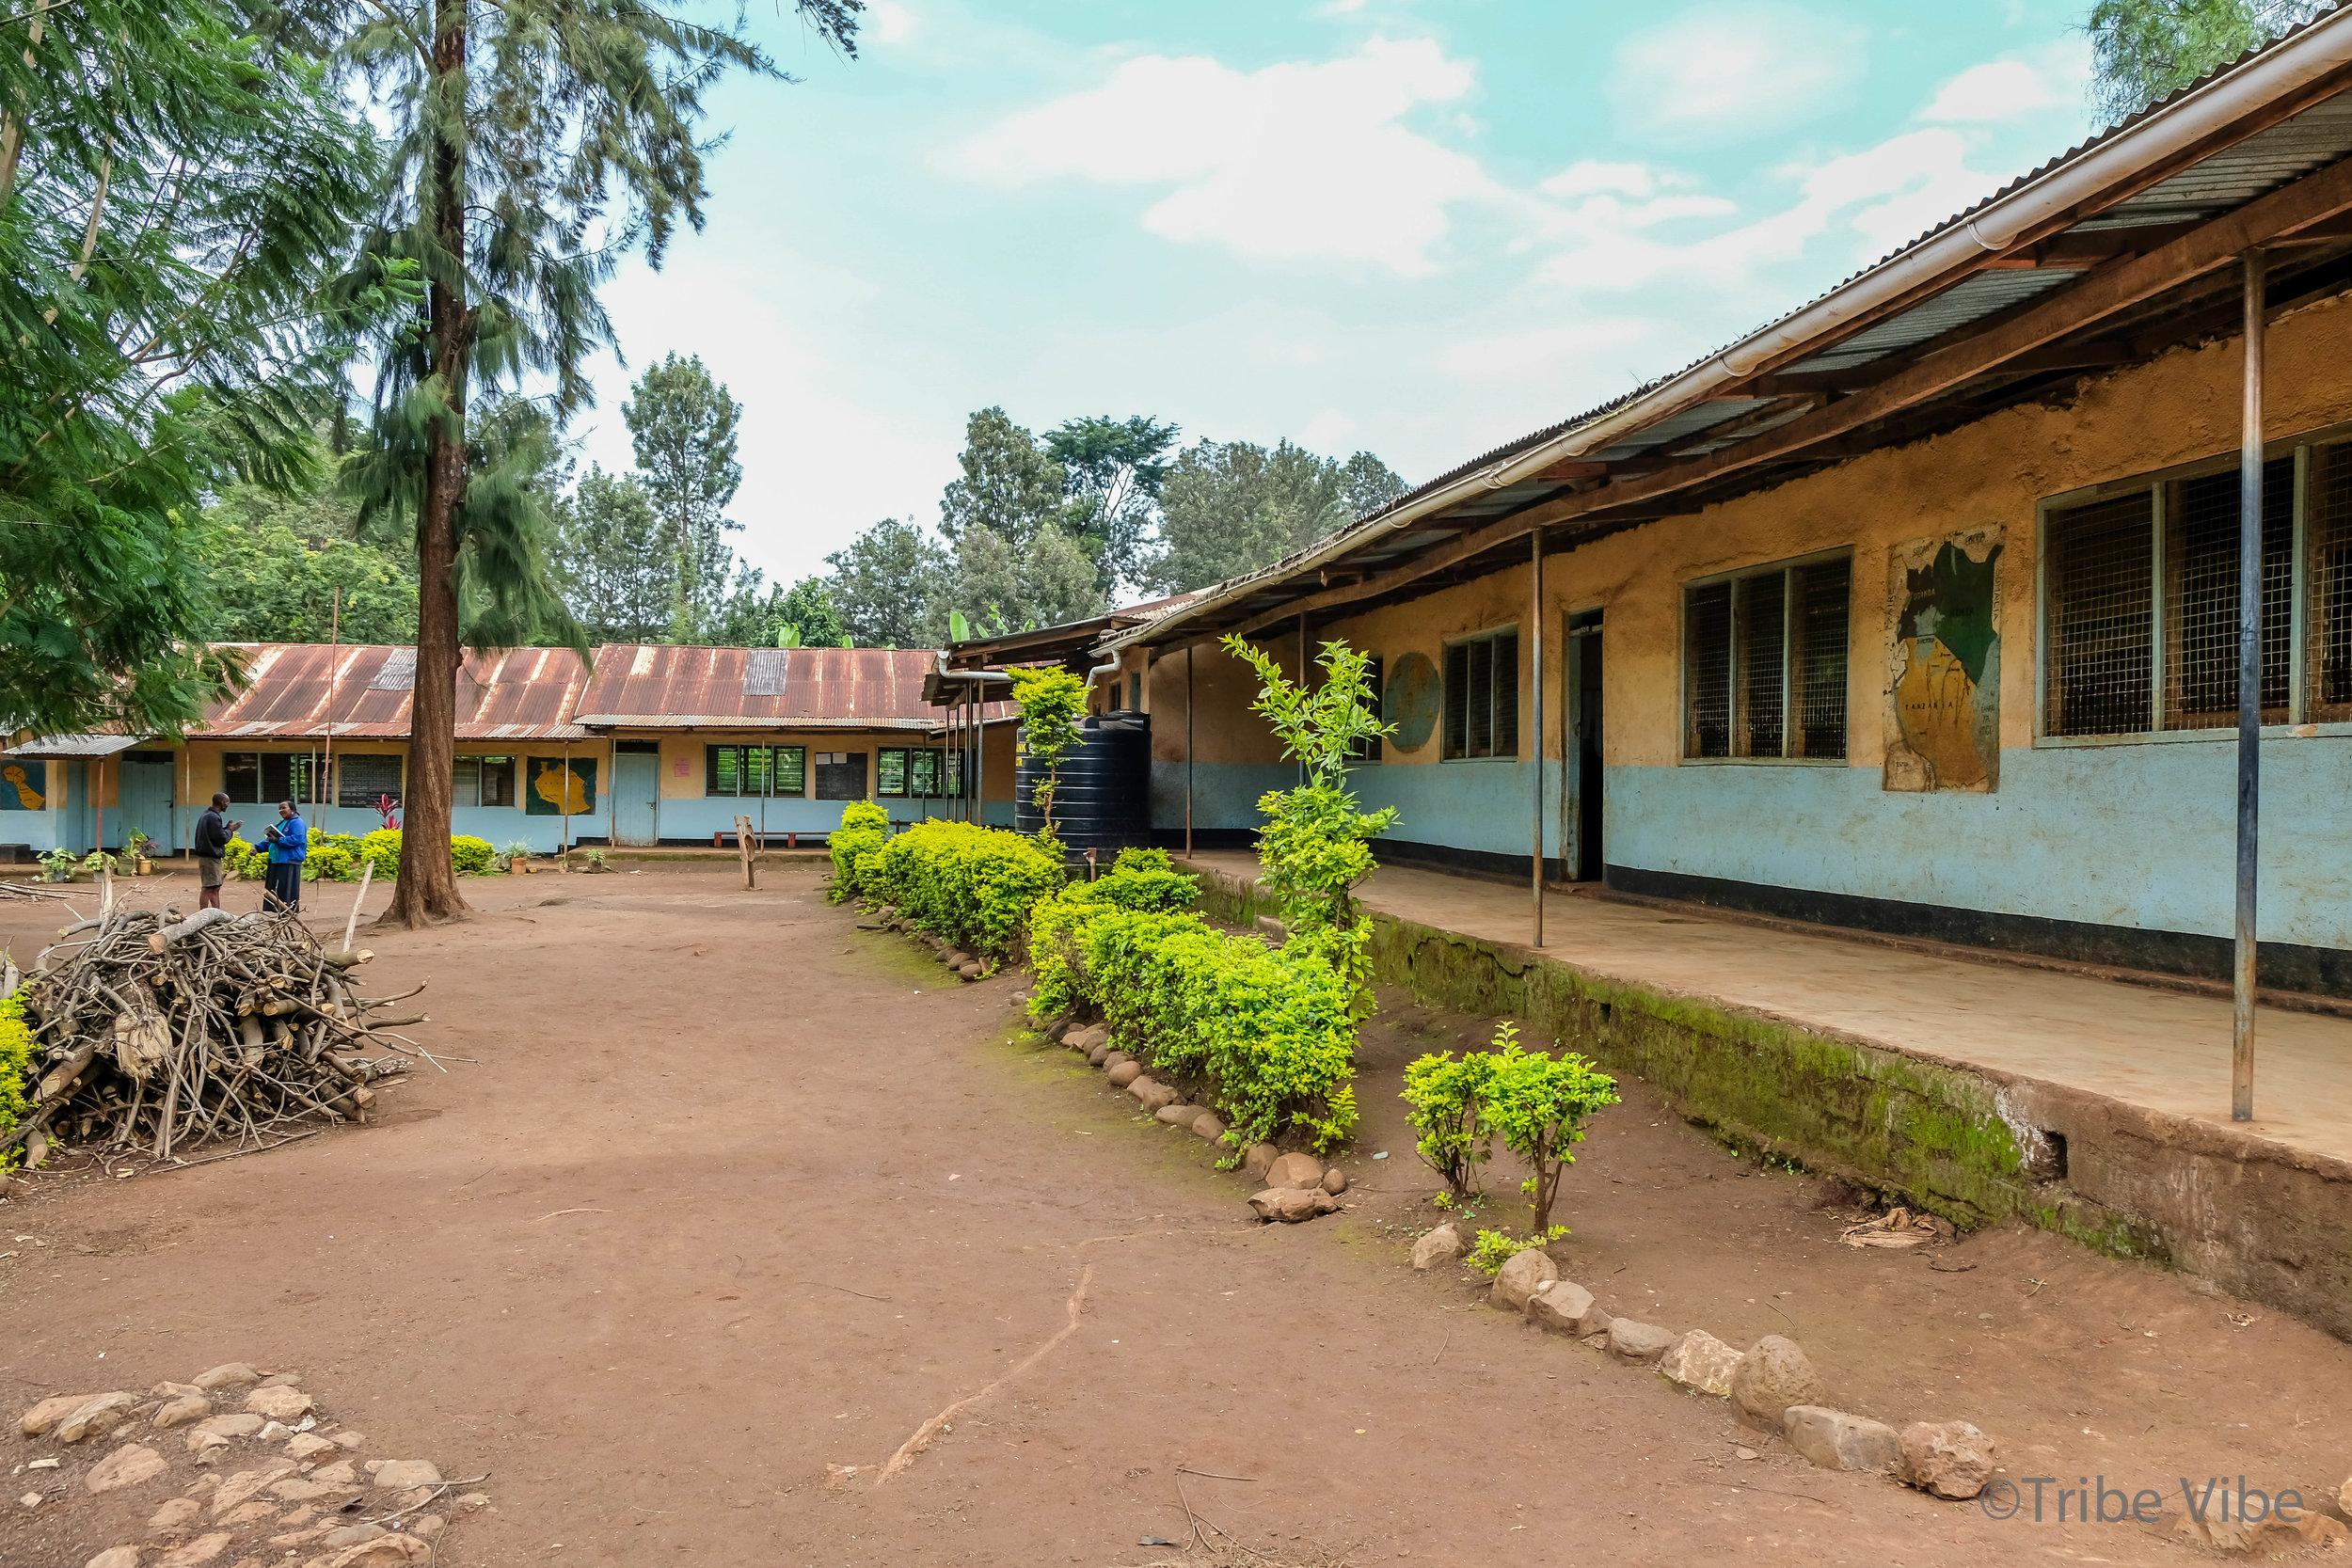 local Tanzanian school 7.jpg